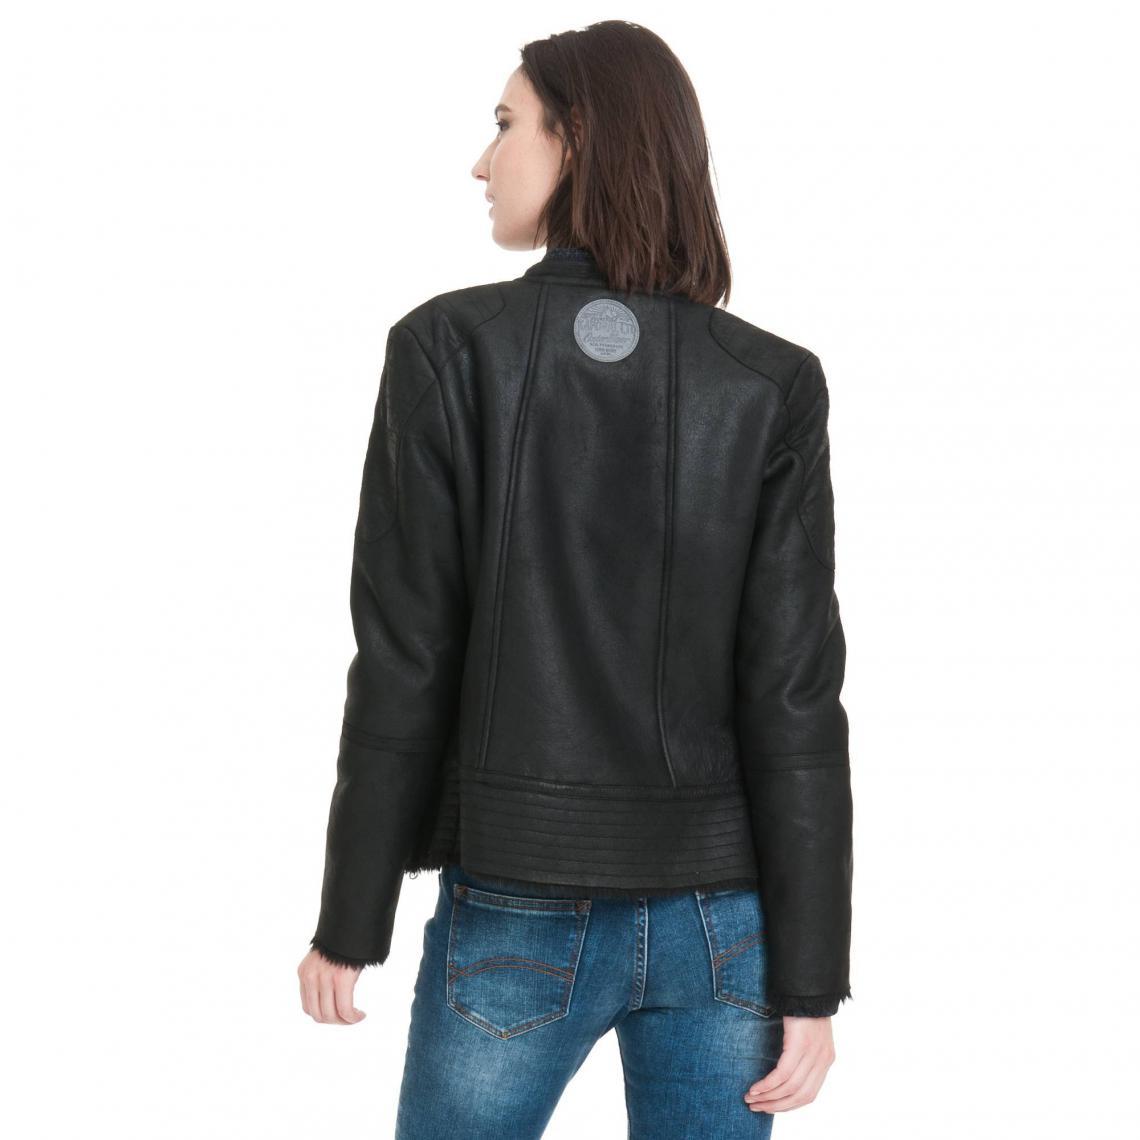 acheter populaire 206fd ceb79 Blouson en cuir femme doublé en fourrure synthétique Kaporal ...